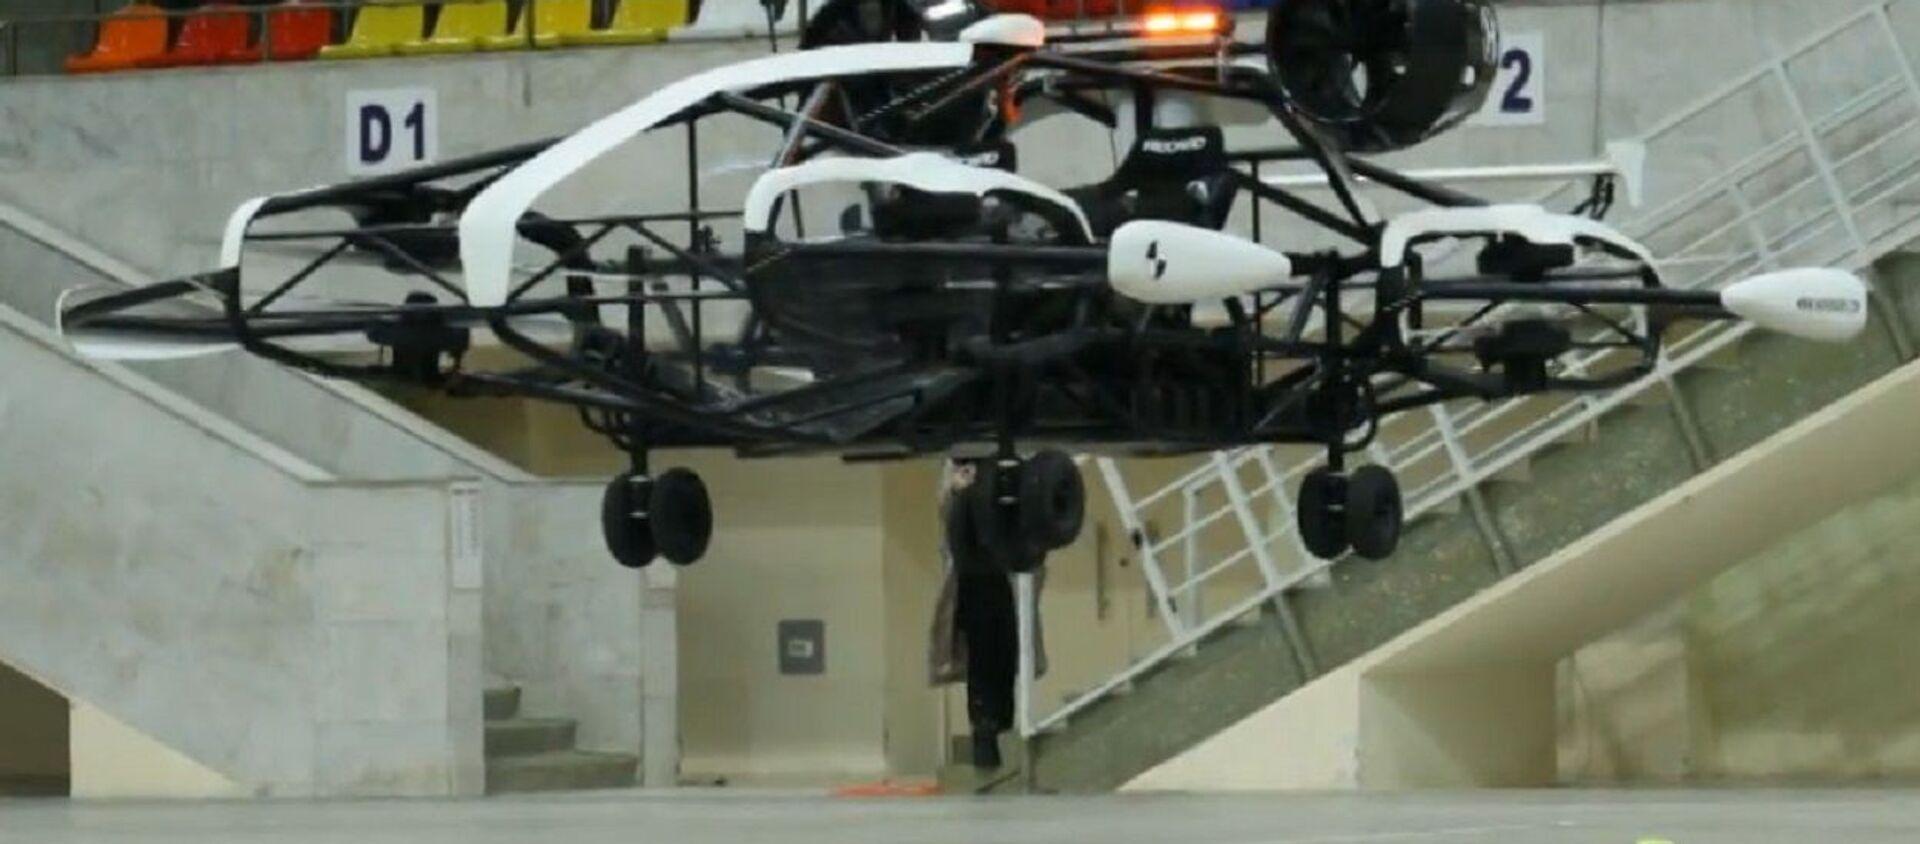 El prototipo taxi volador desarrollado por rusos es presentado en Moscú - Sputnik Mundo, 1920, 26.01.2021